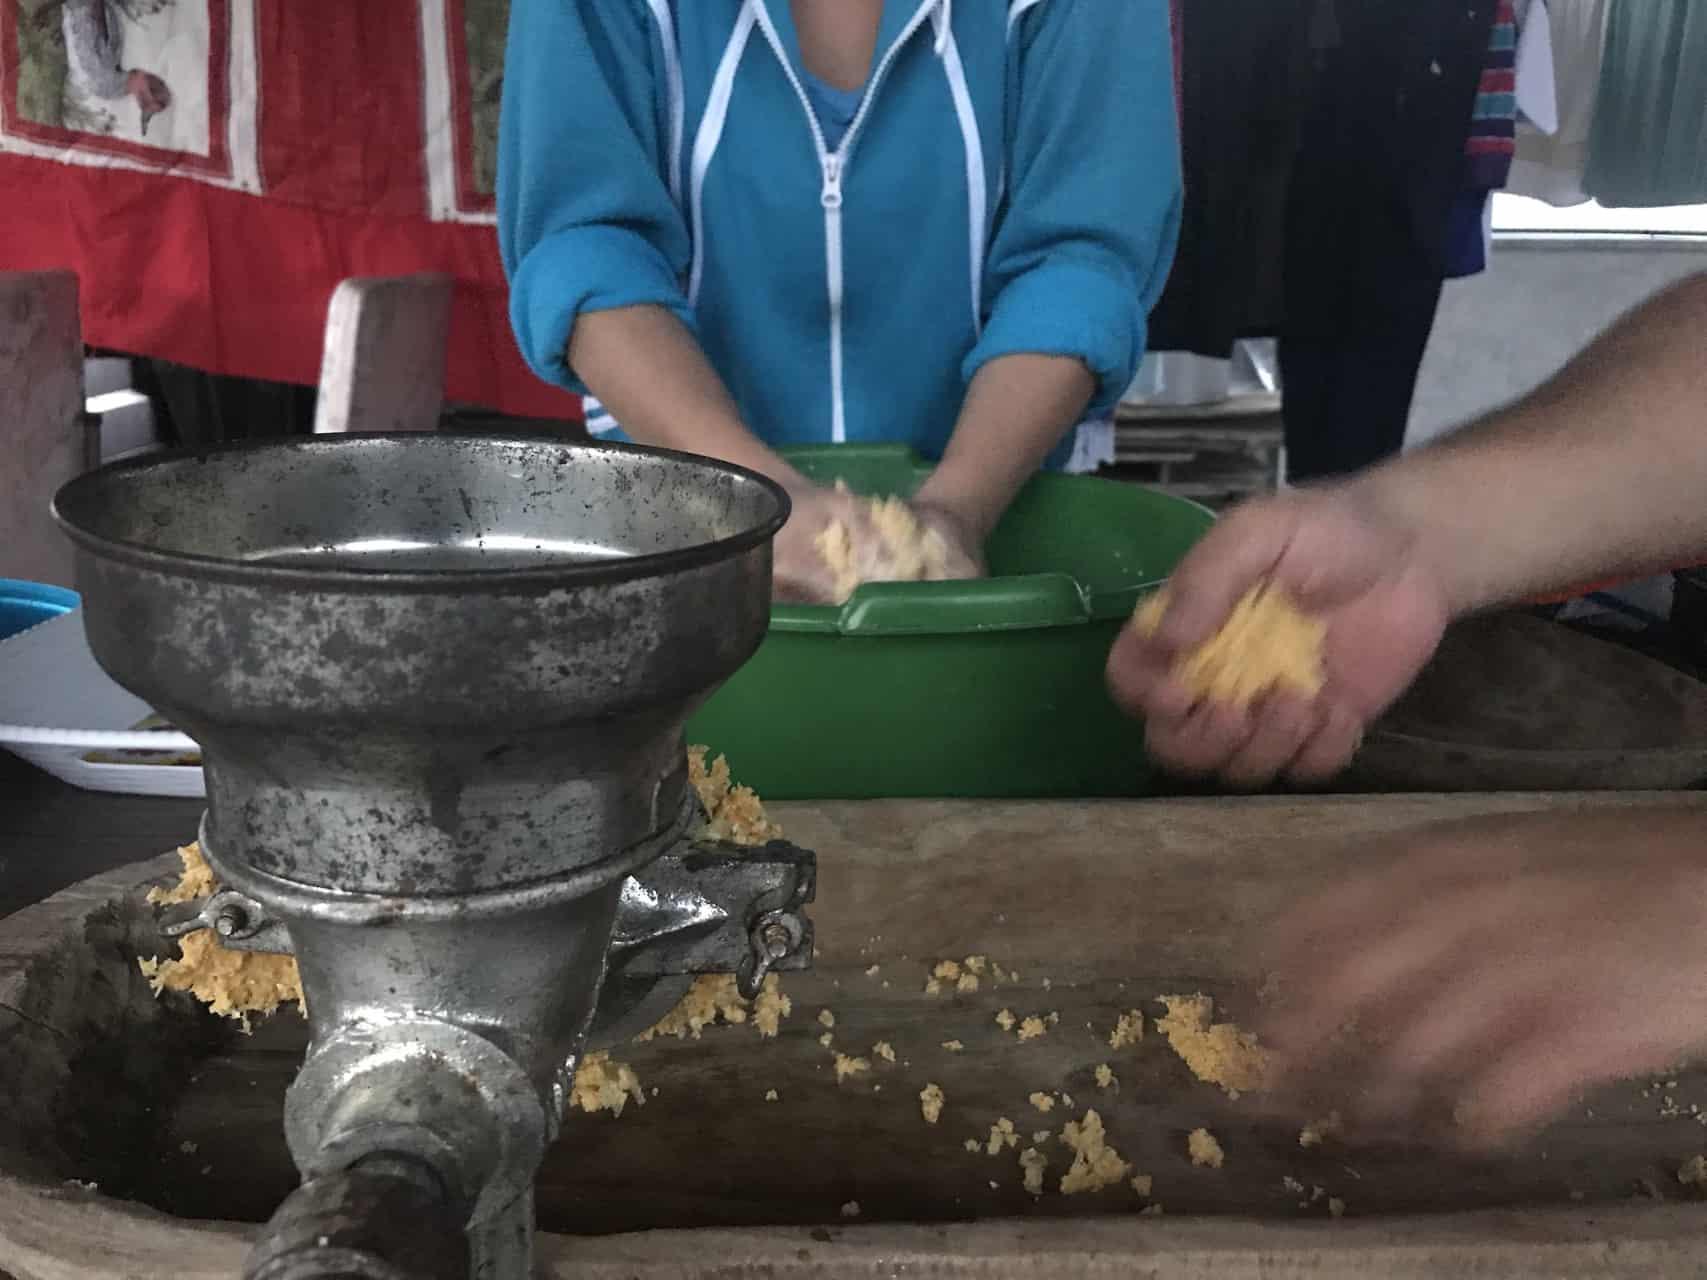 Traditionelle Geräte: Mühle und Holzschale